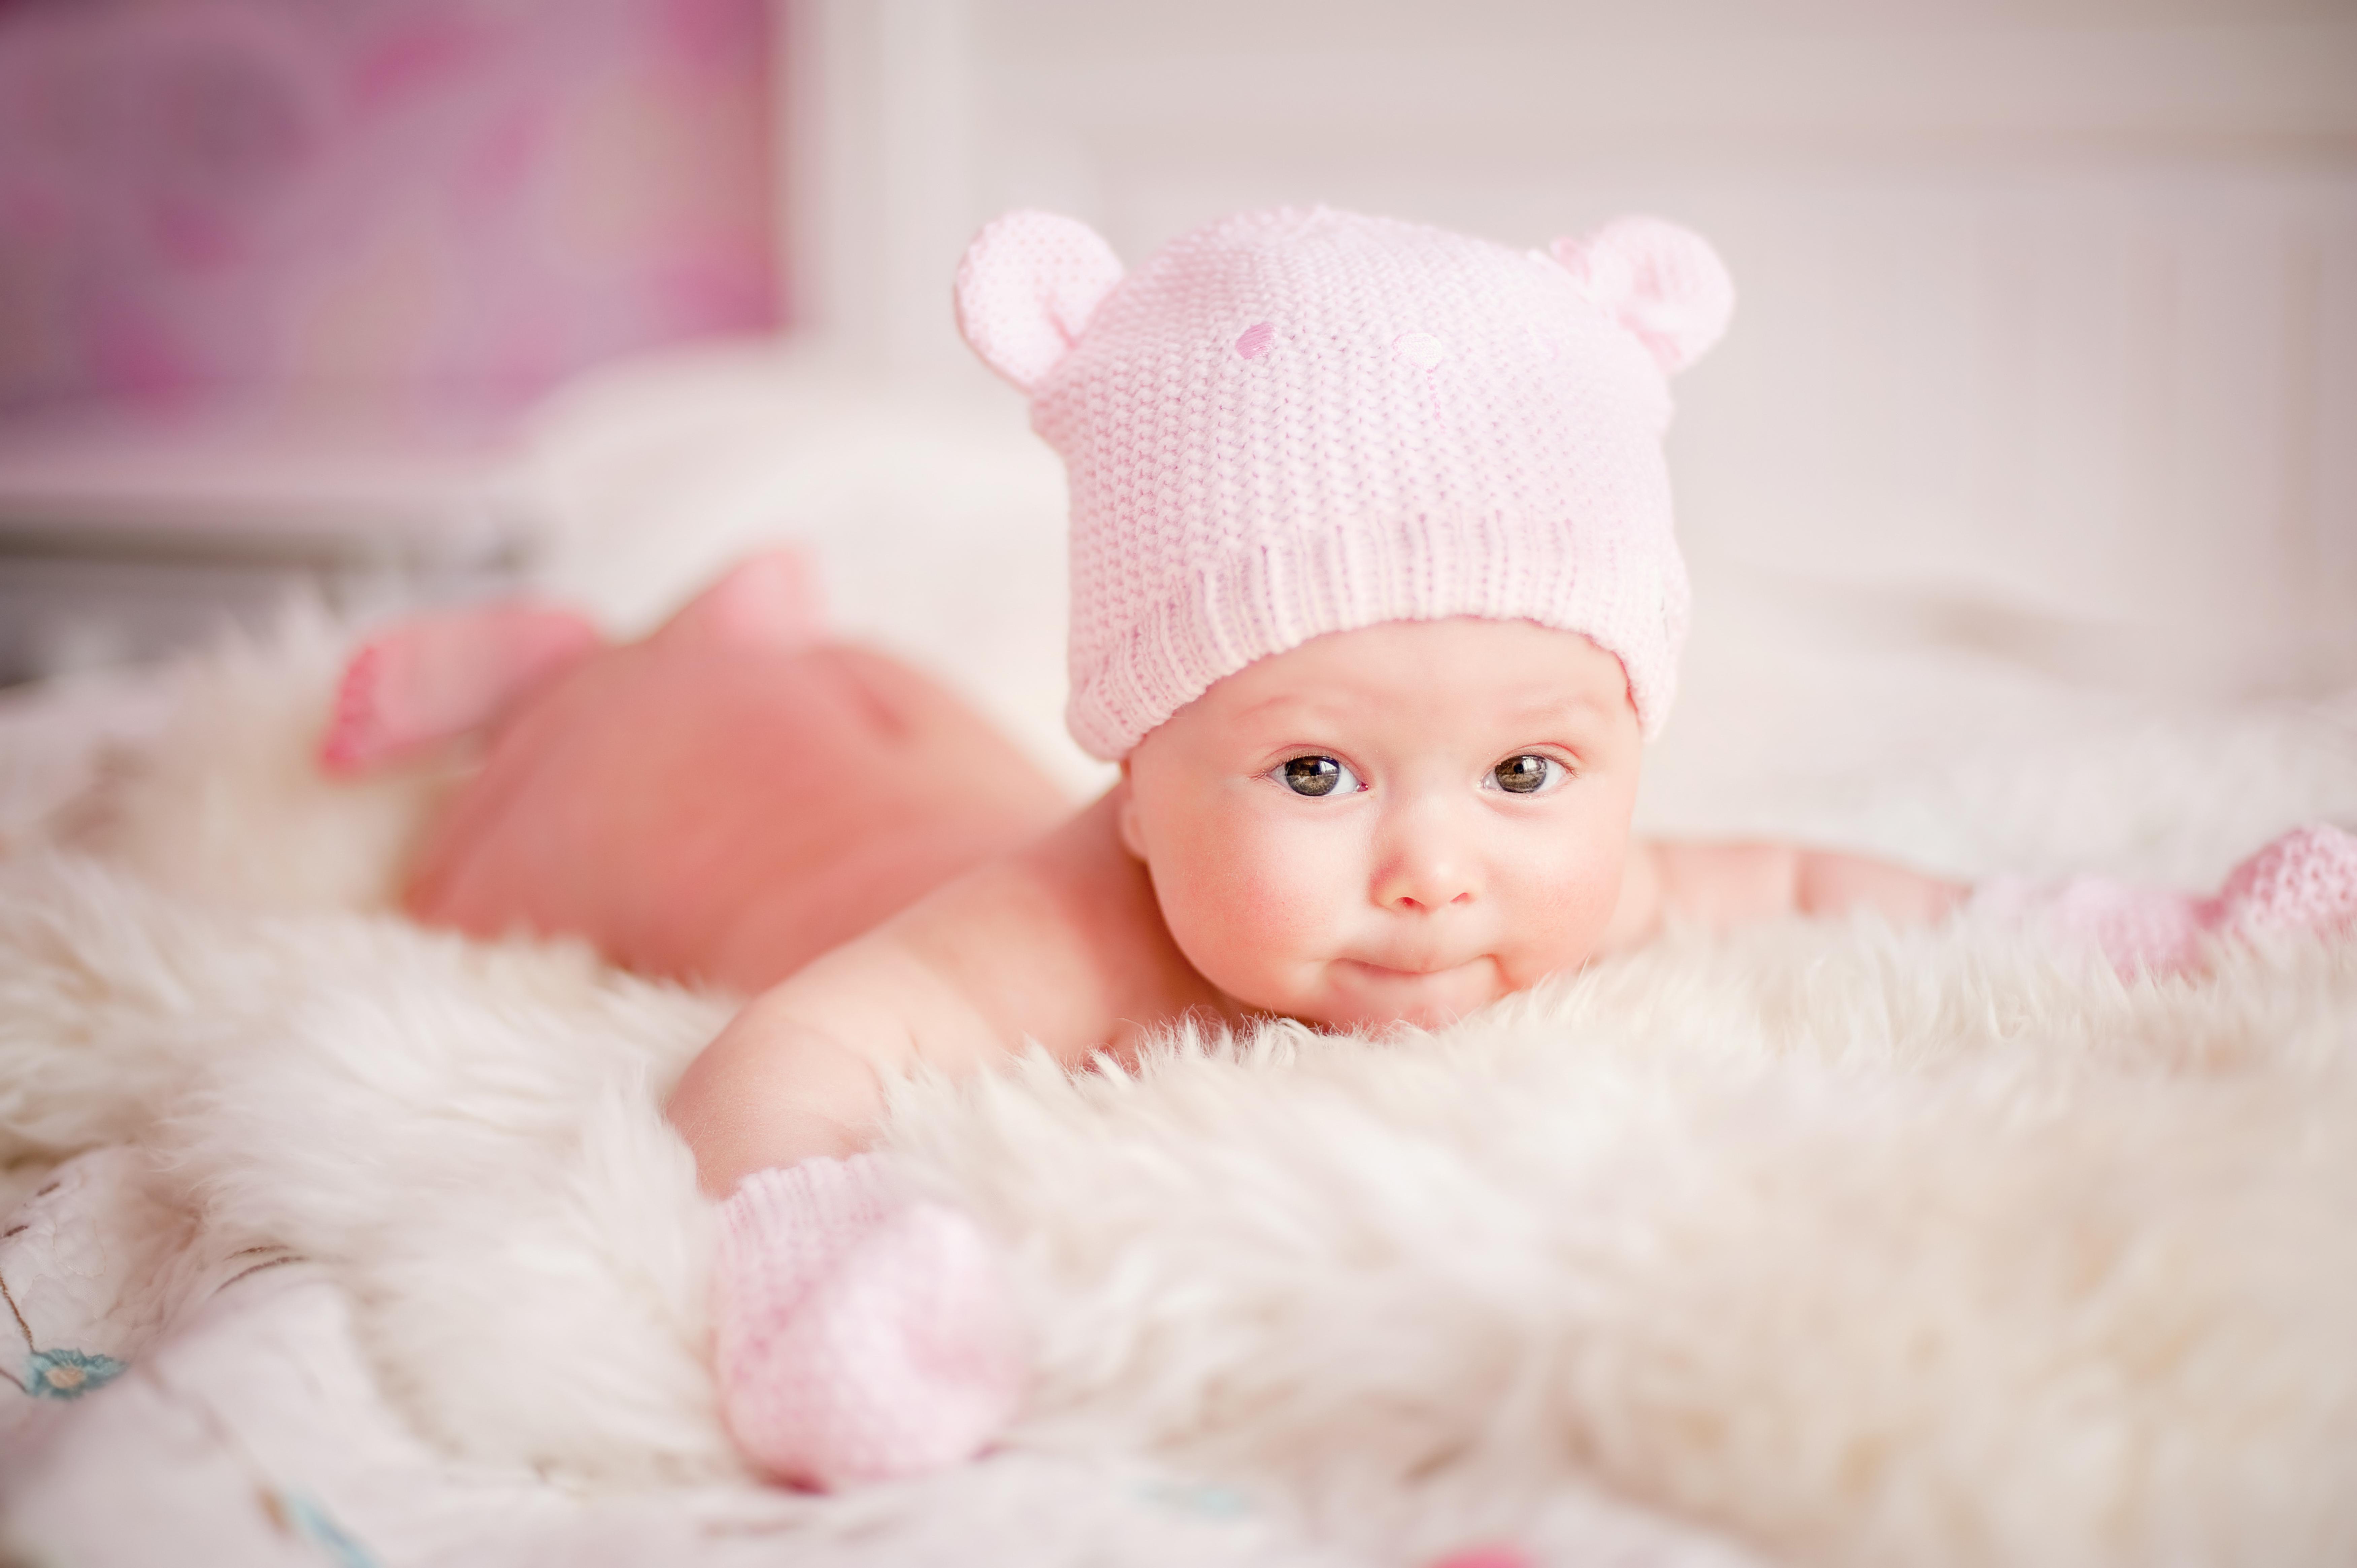 Любовь, картинки новорожденных